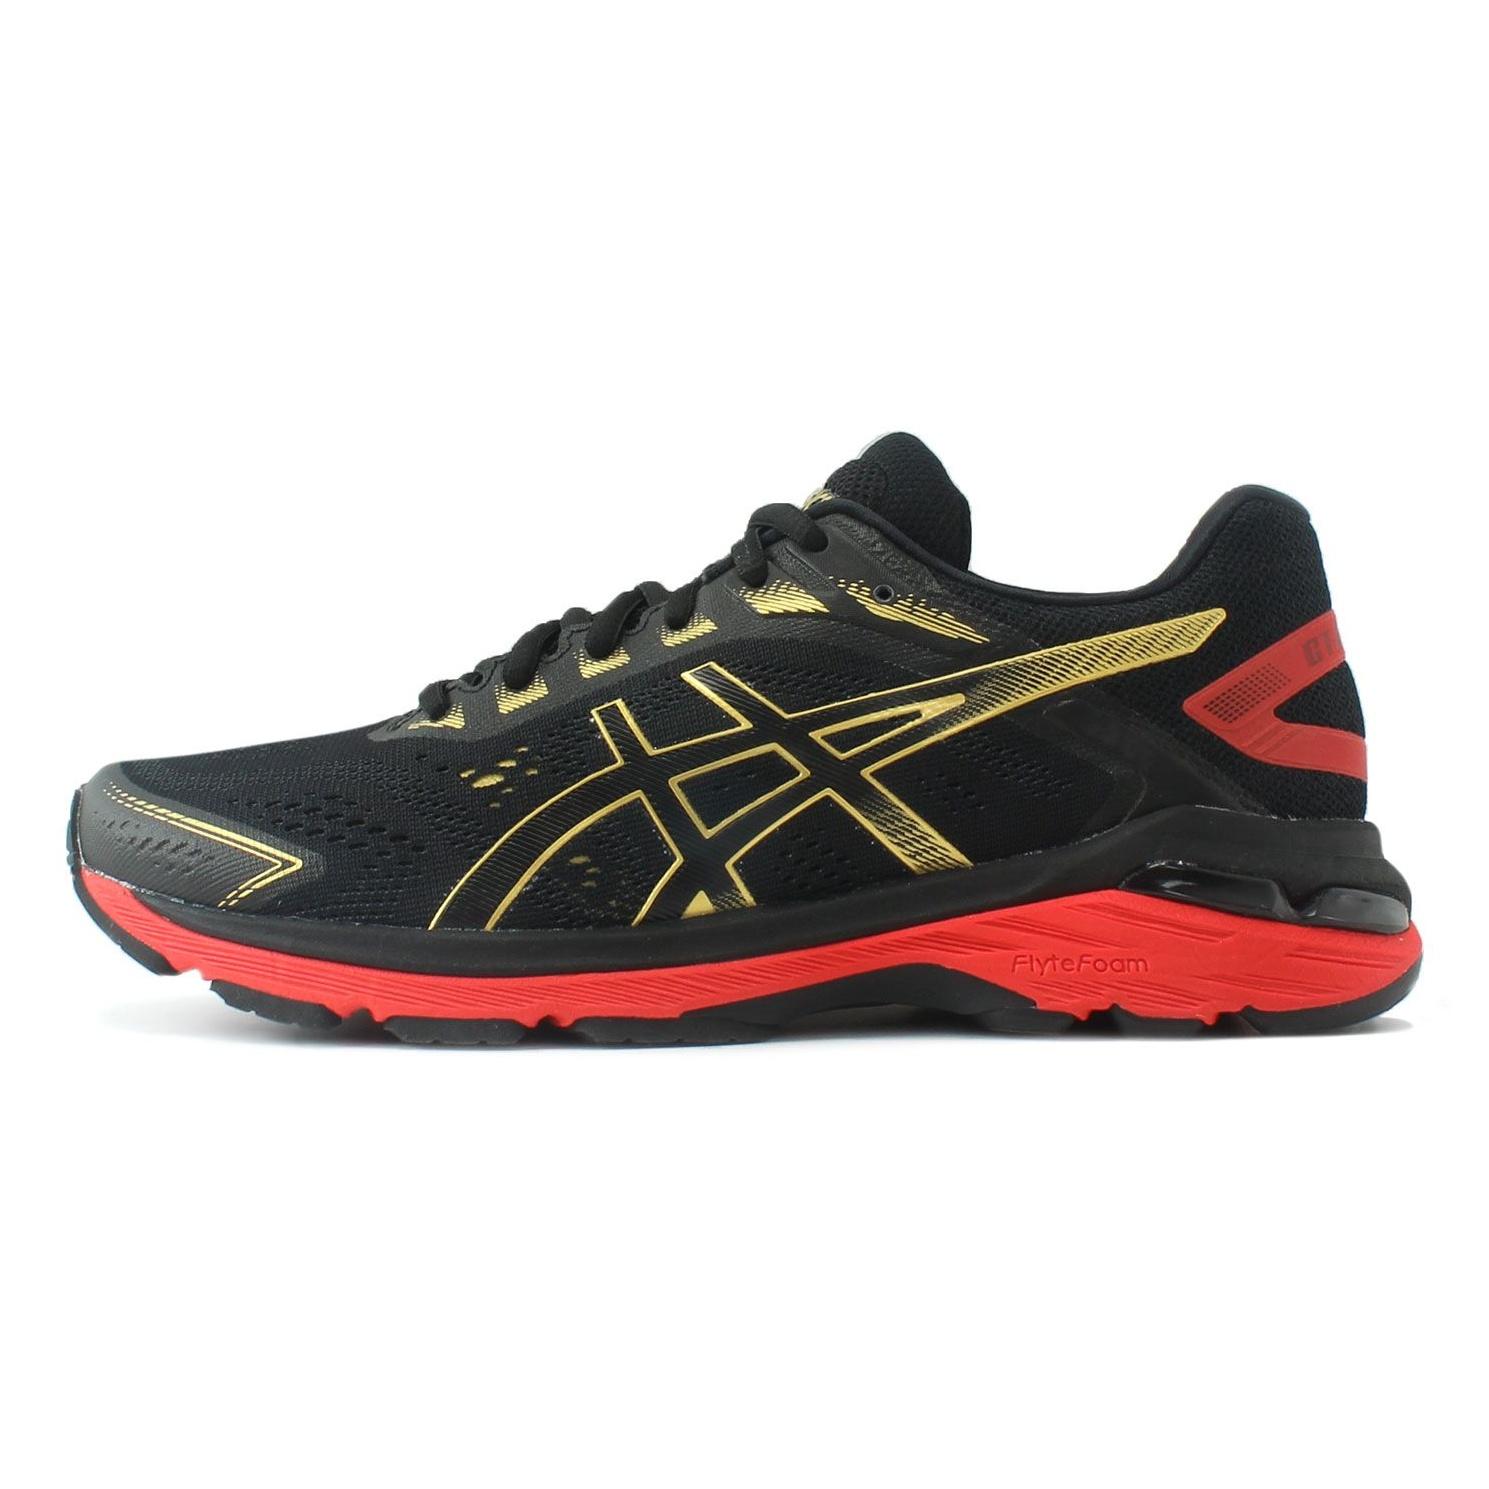 کفش مخصوص پیاده روی مردانه اسیکس مدل GT-2000 -1012A241-001